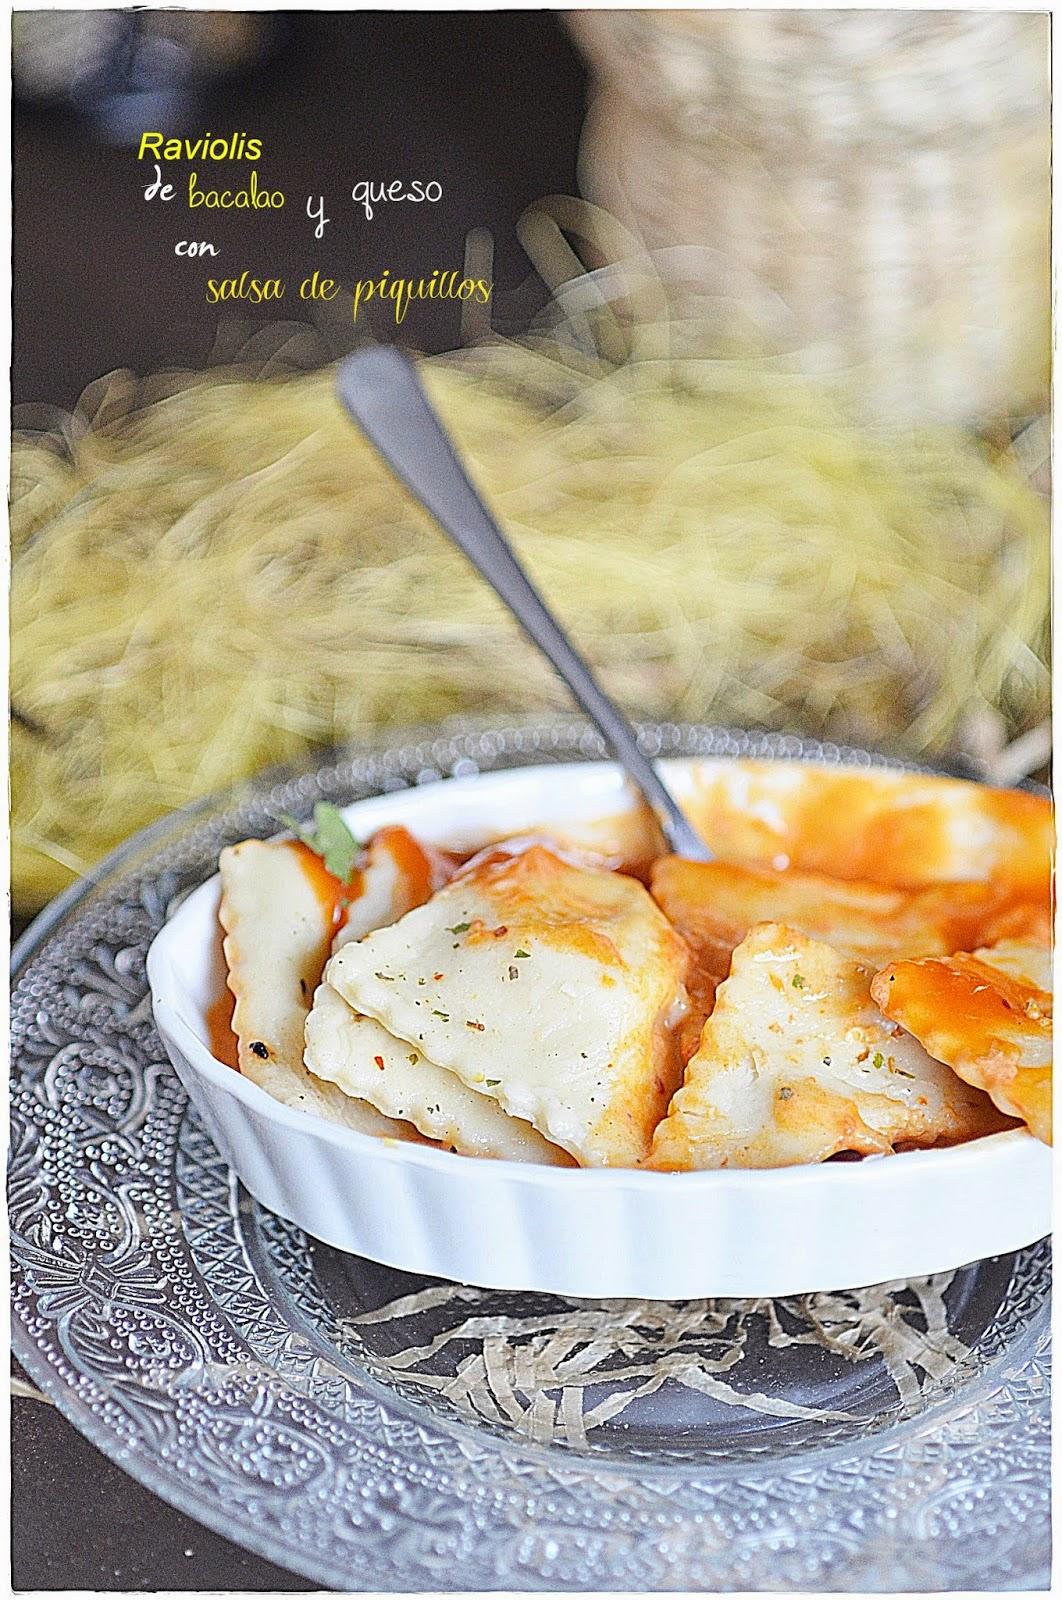 Raviolis de bacalao y queso con salsa de piquillos